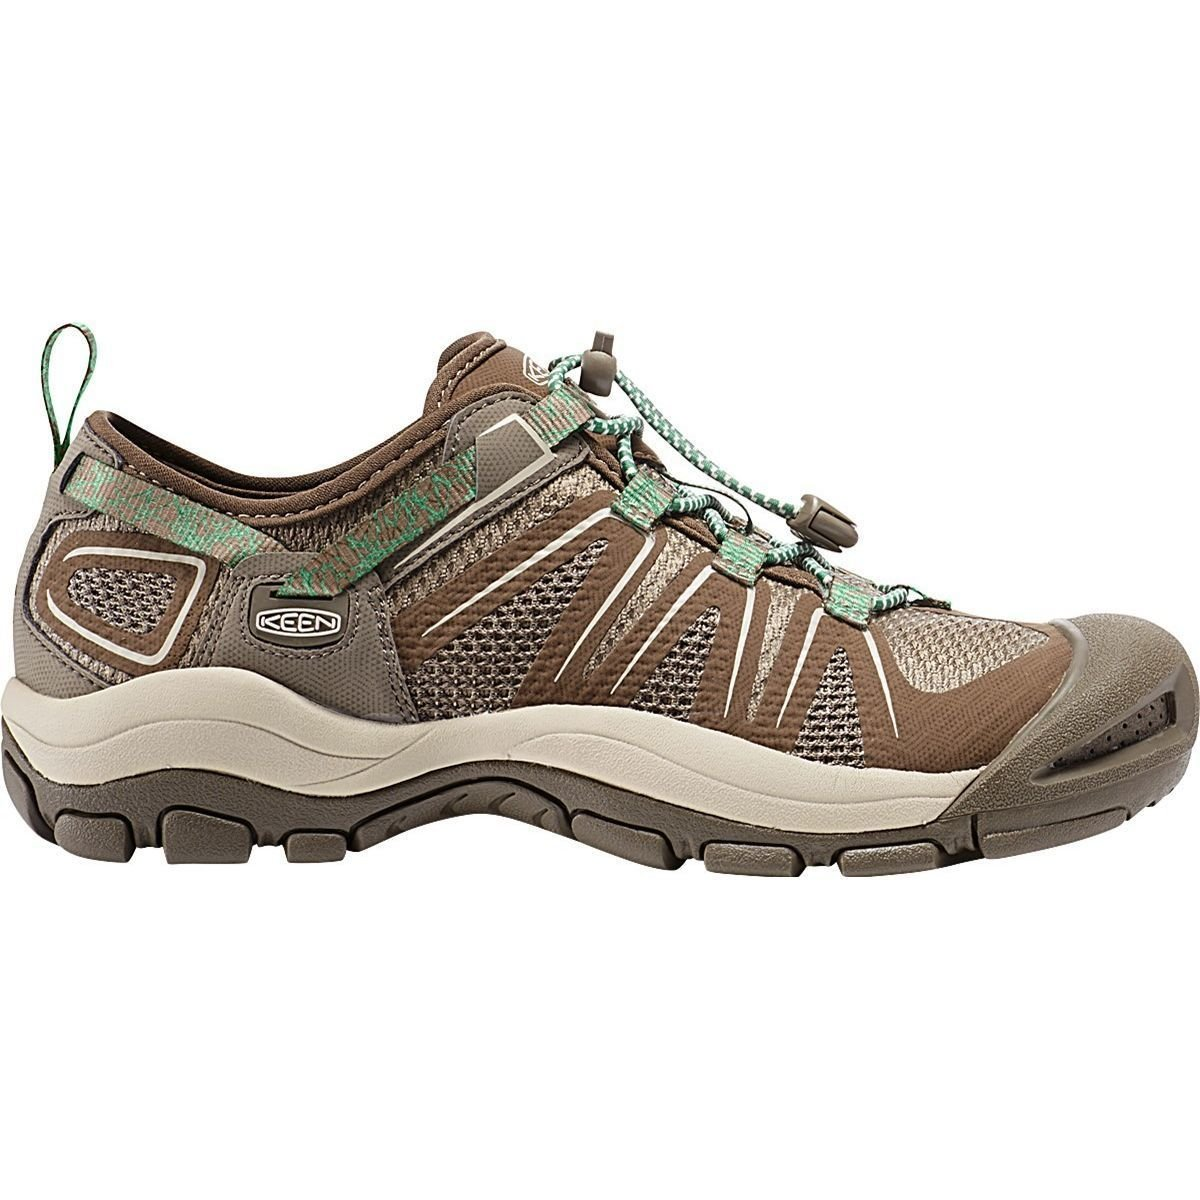 [キーン] McKenzie II Shoe レディース ウォーターシューズ [並行輸入品] 23.0 cm  B079FJQGSG